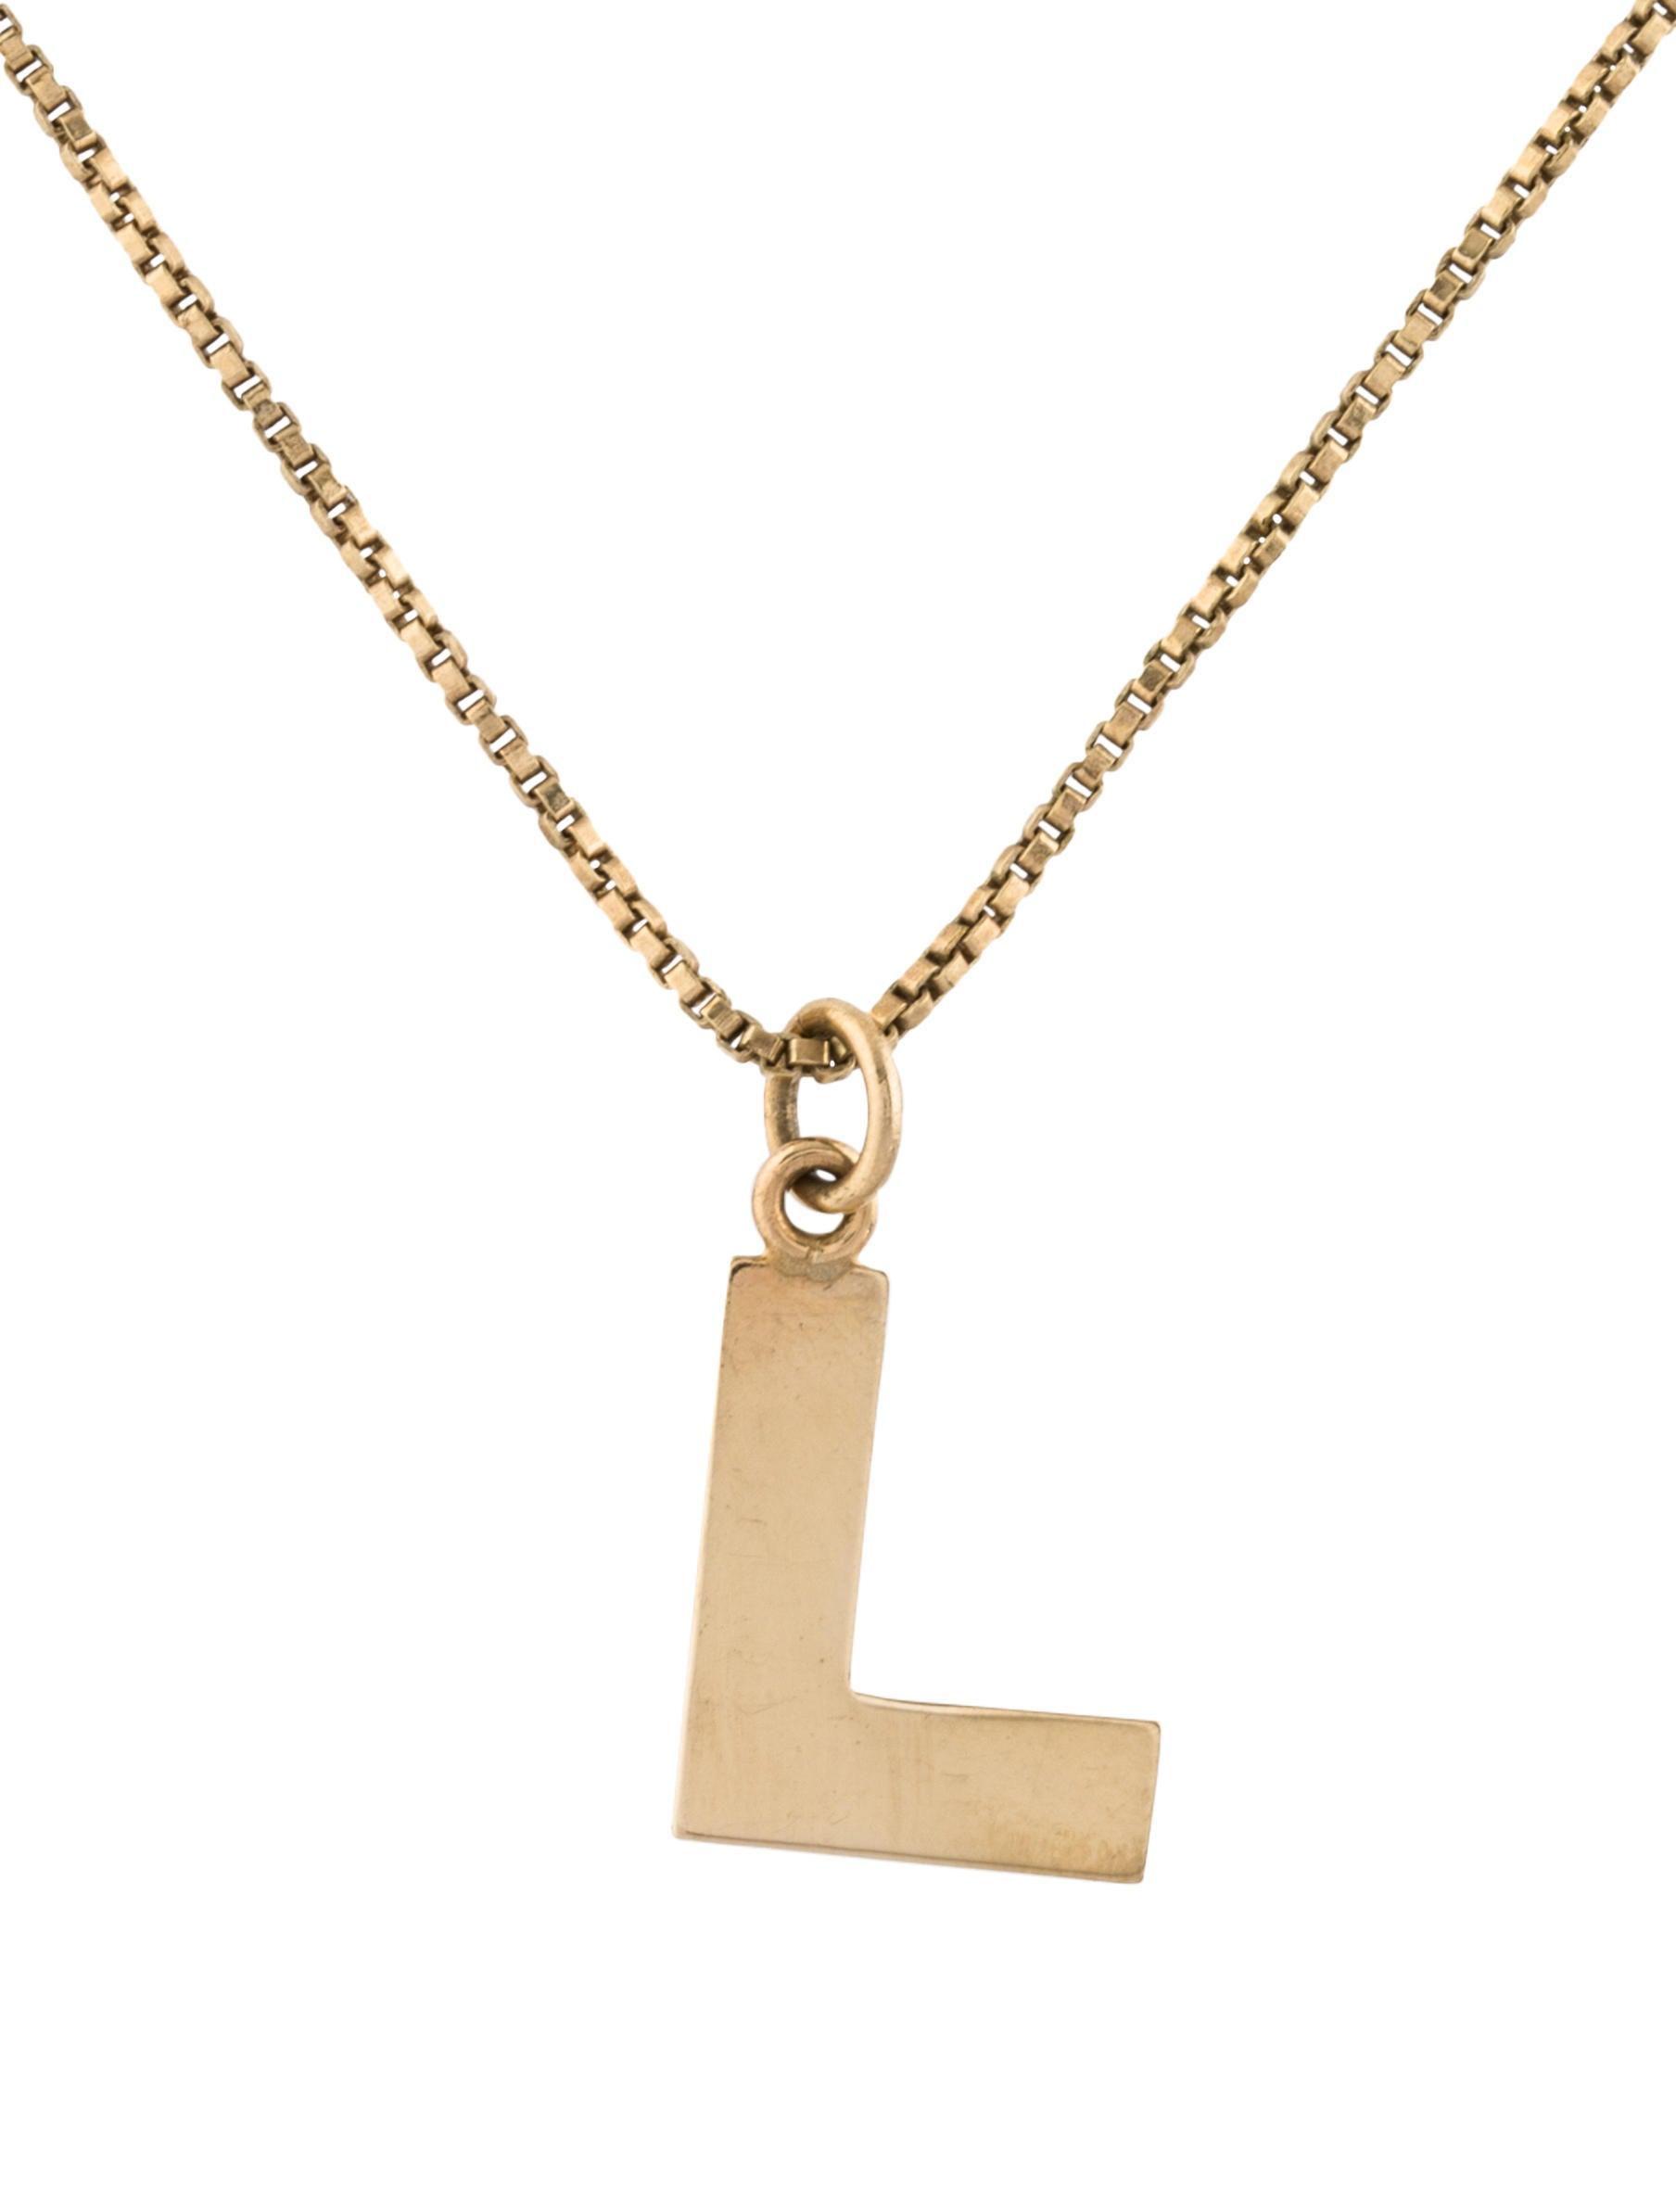 14k initial l pendant necklace necklaces neckl42715 the realreal 14k initial l pendant necklace aloadofball Choice Image